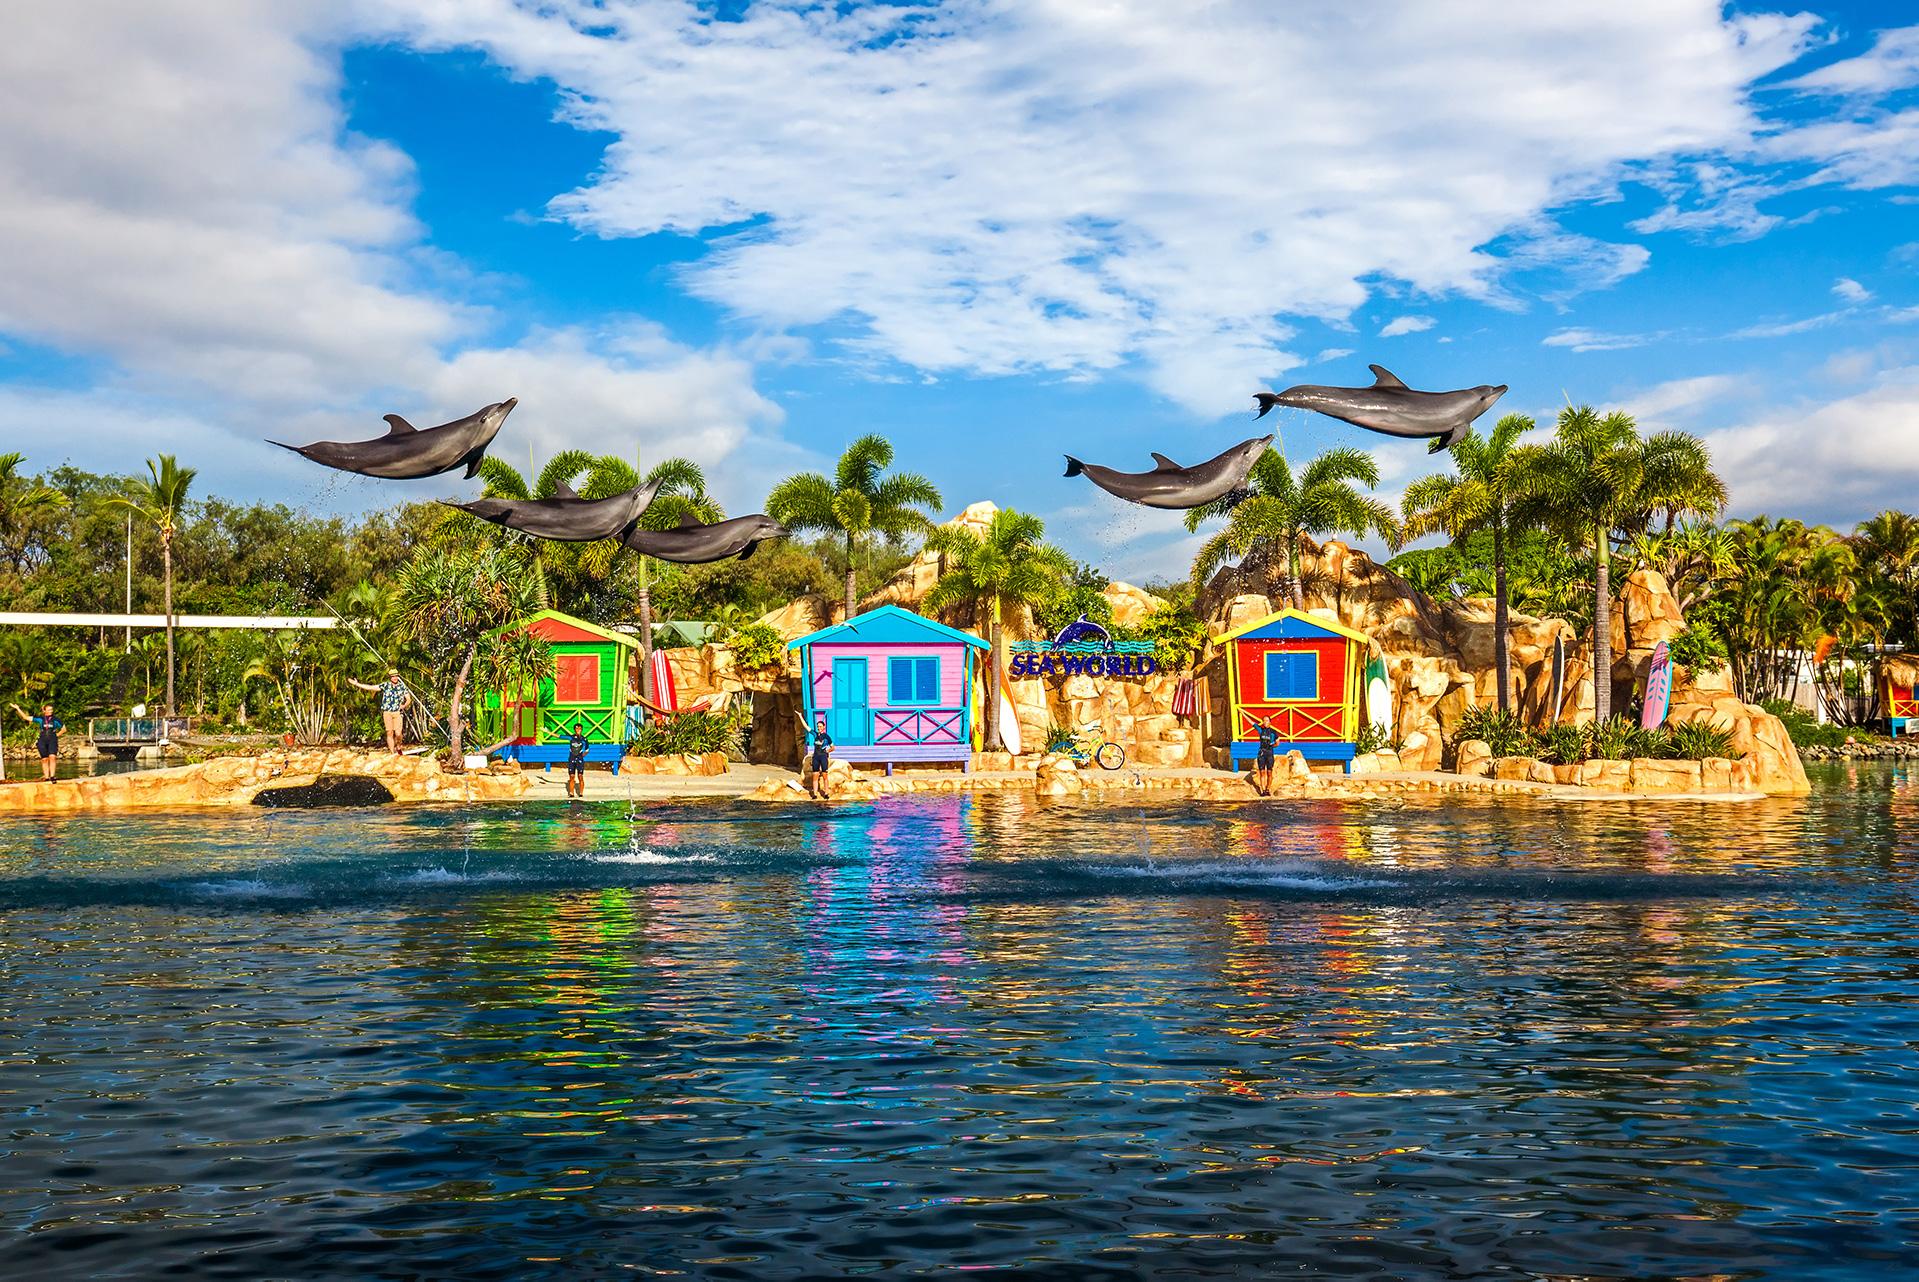 Show de Golfinhos no Sea World, Gold Coast